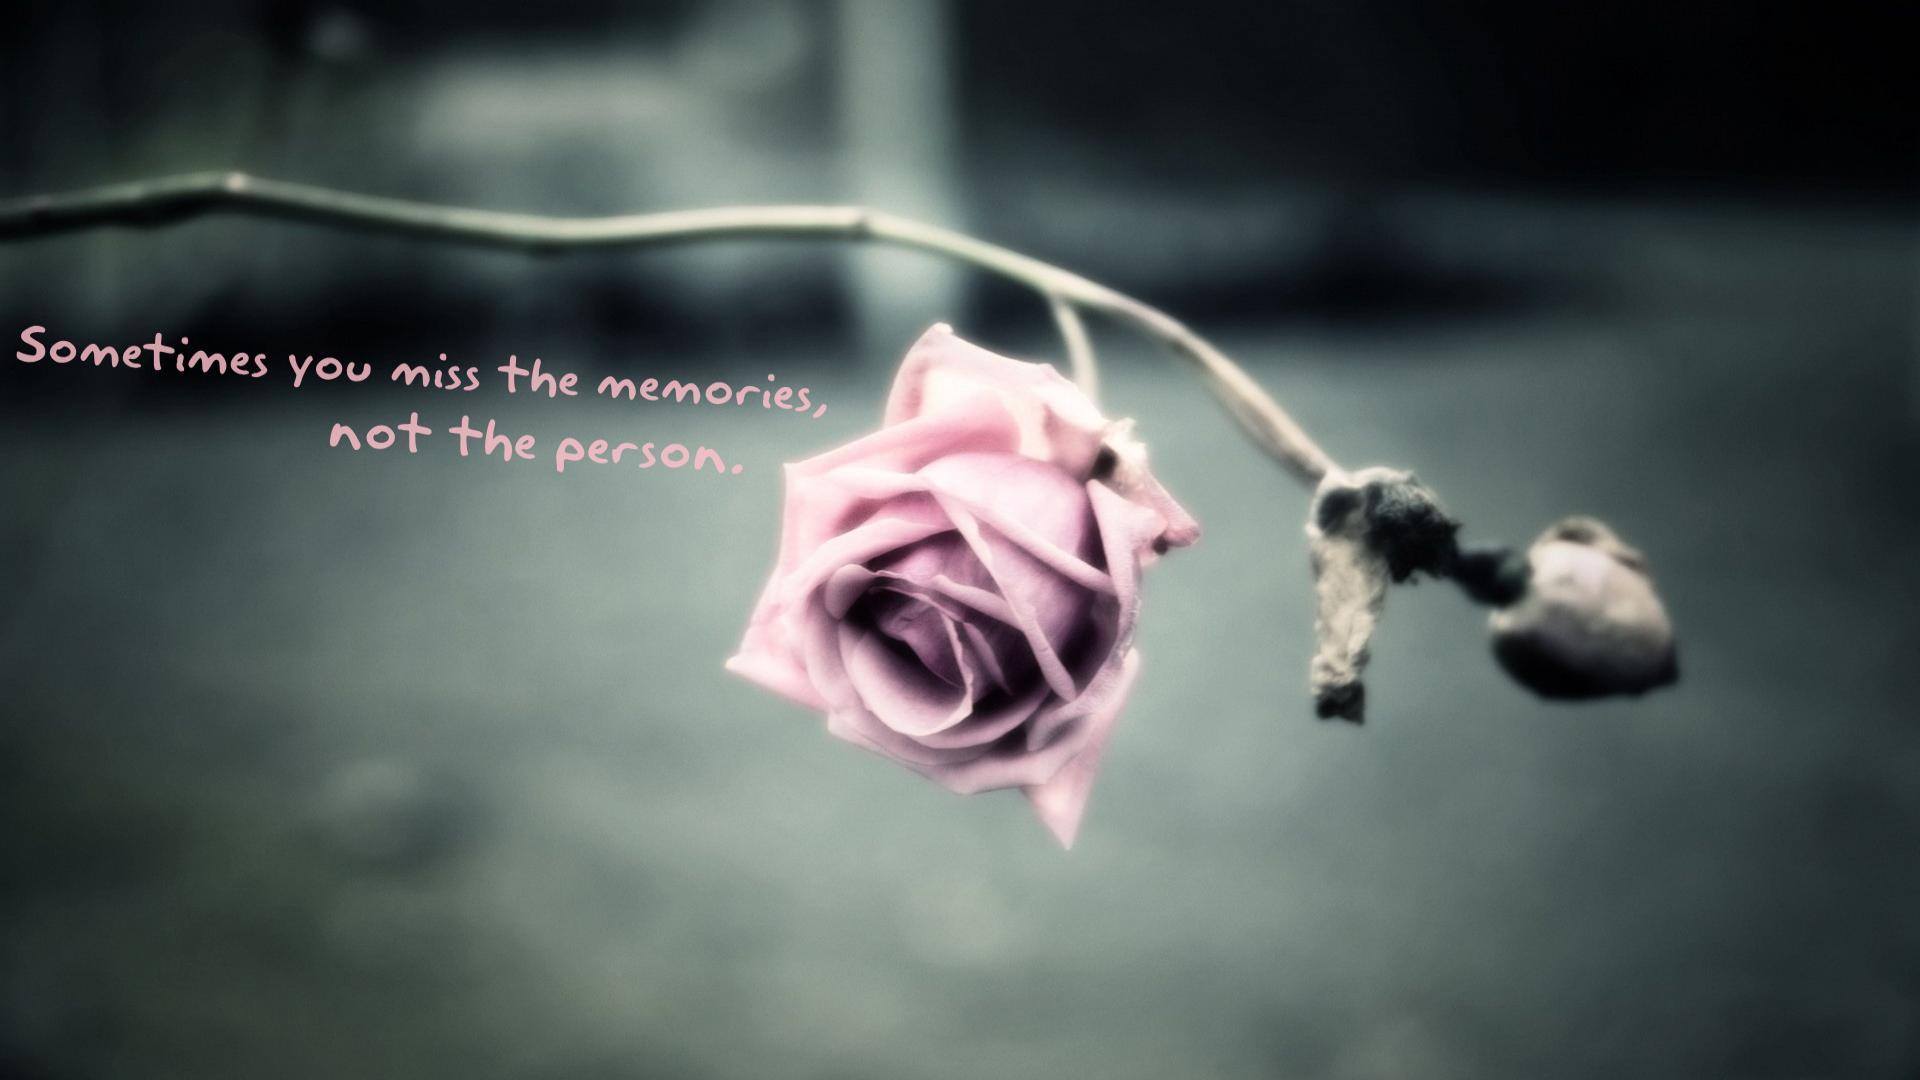 Citate Cu Fotografi : Cele mai frumoase citate de dragoste cu poze pentru